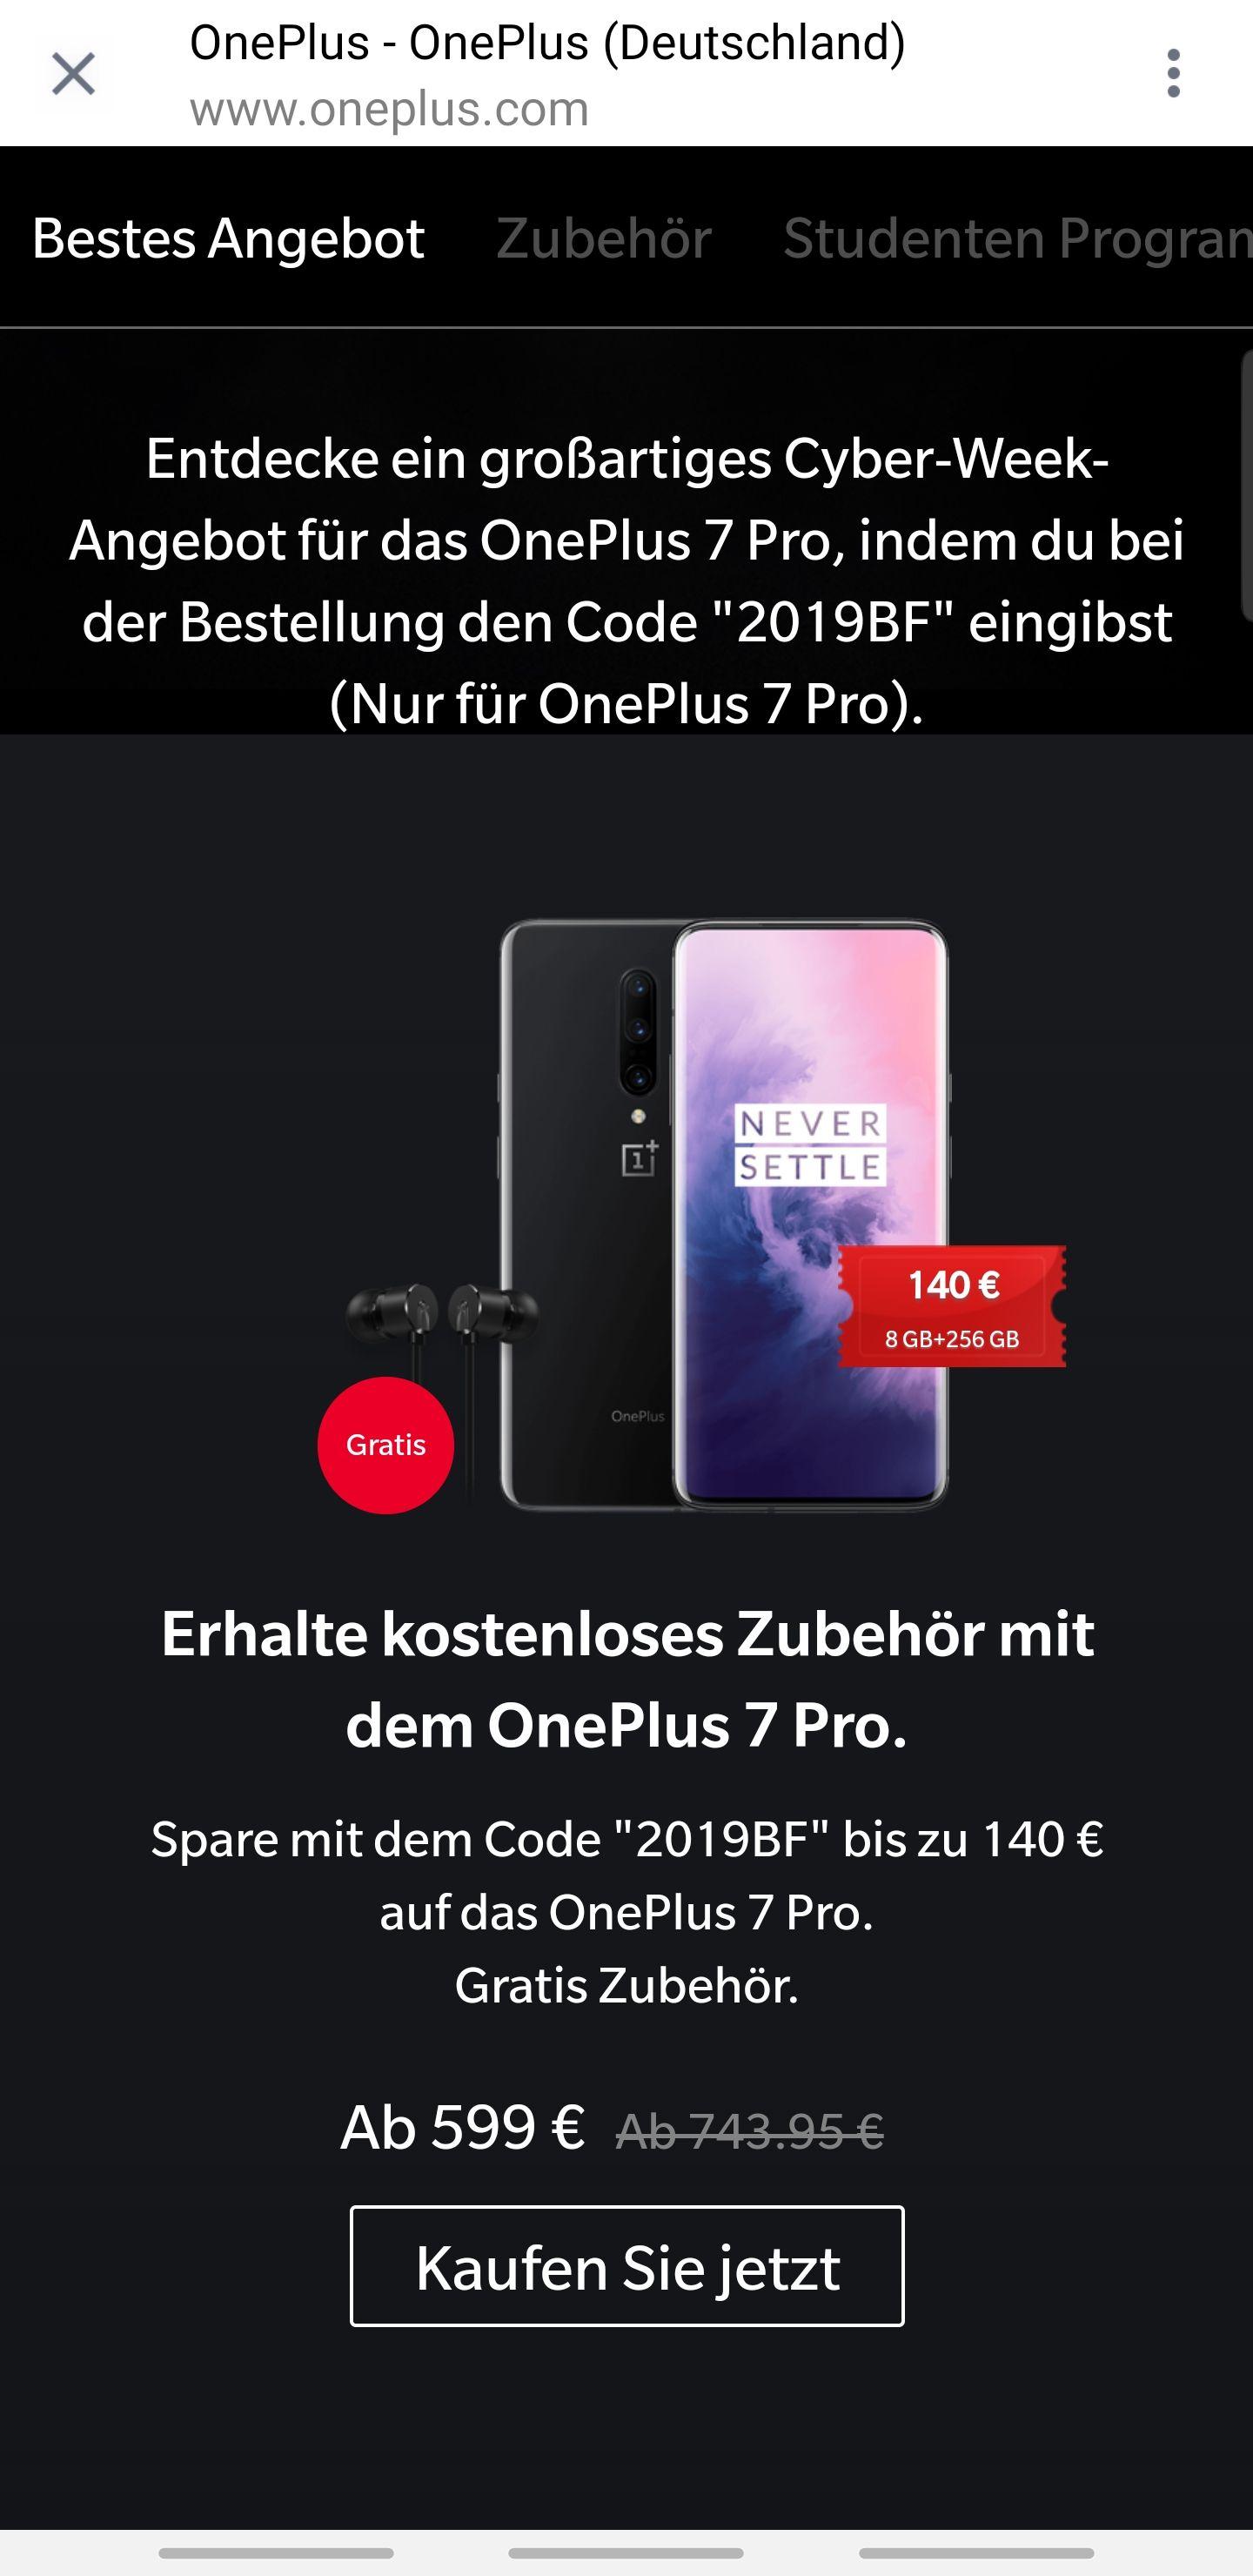 569,05€ (für Studenten) / 599€: OnePlus 7 Pro 8Gb + 256Gb mir. Gratis In-Ear-Kopfhörern